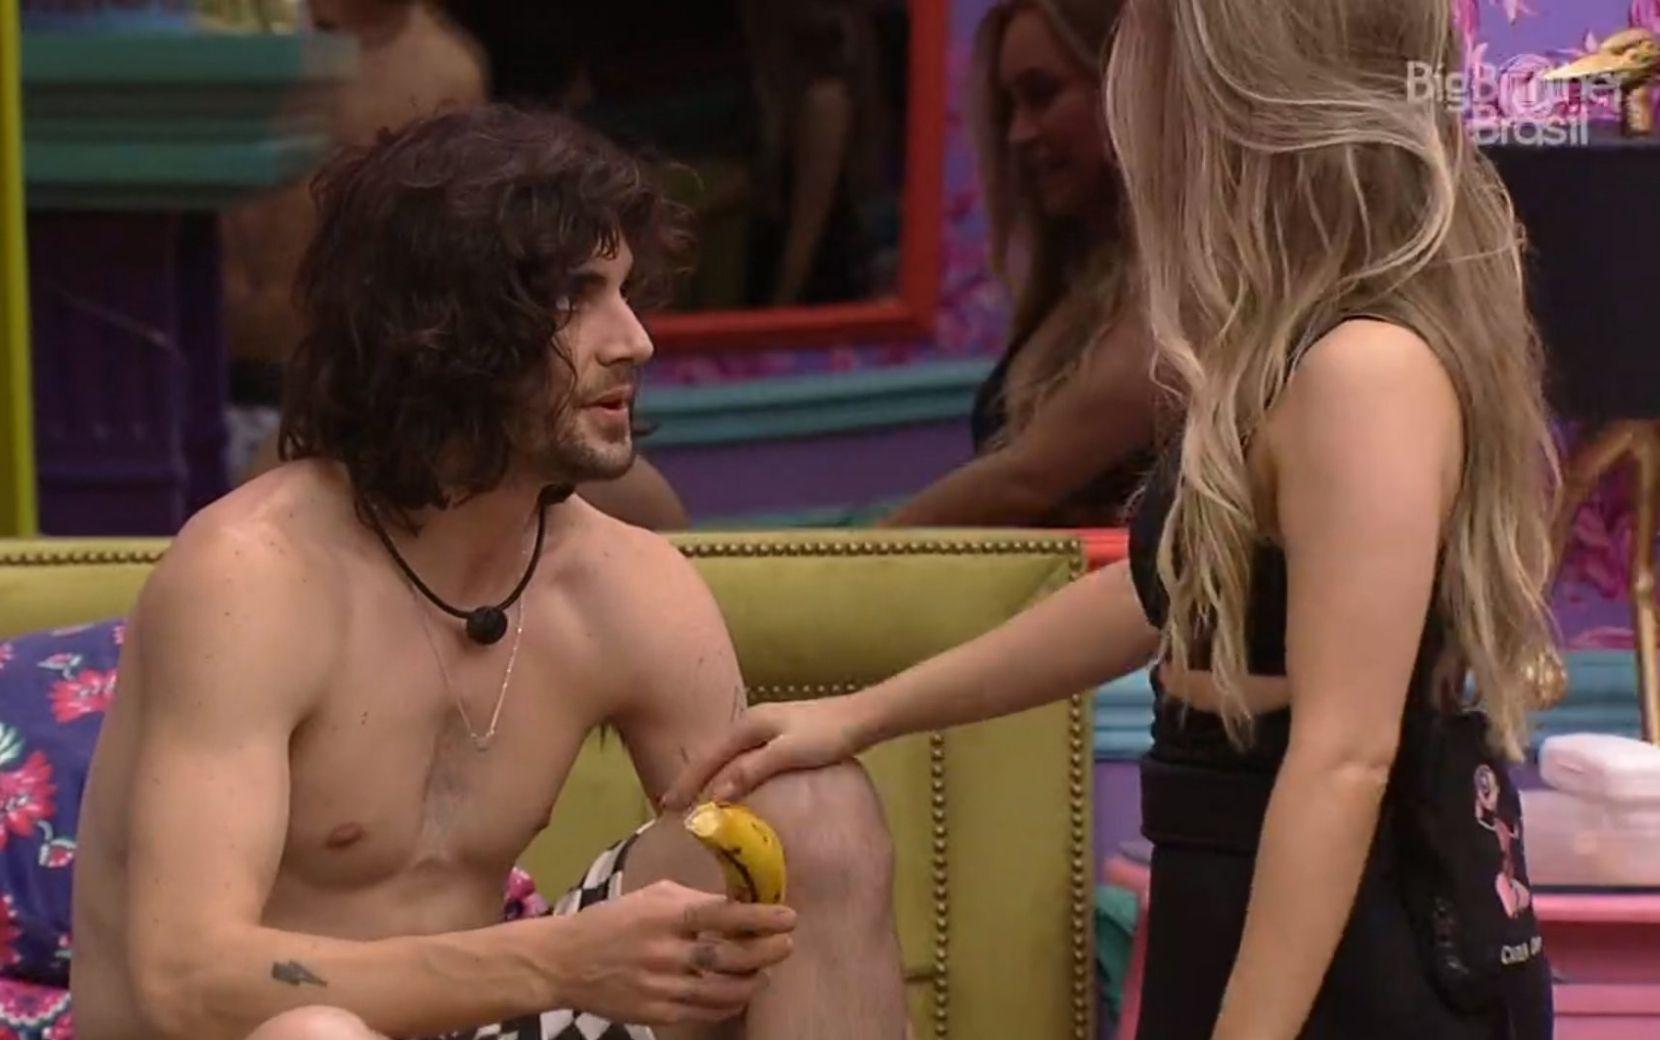 """No retorno para o BBB21, Carla Diaz dá banana para Fiuk: """"Quando eu faço uma coisa, eu assumo"""""""